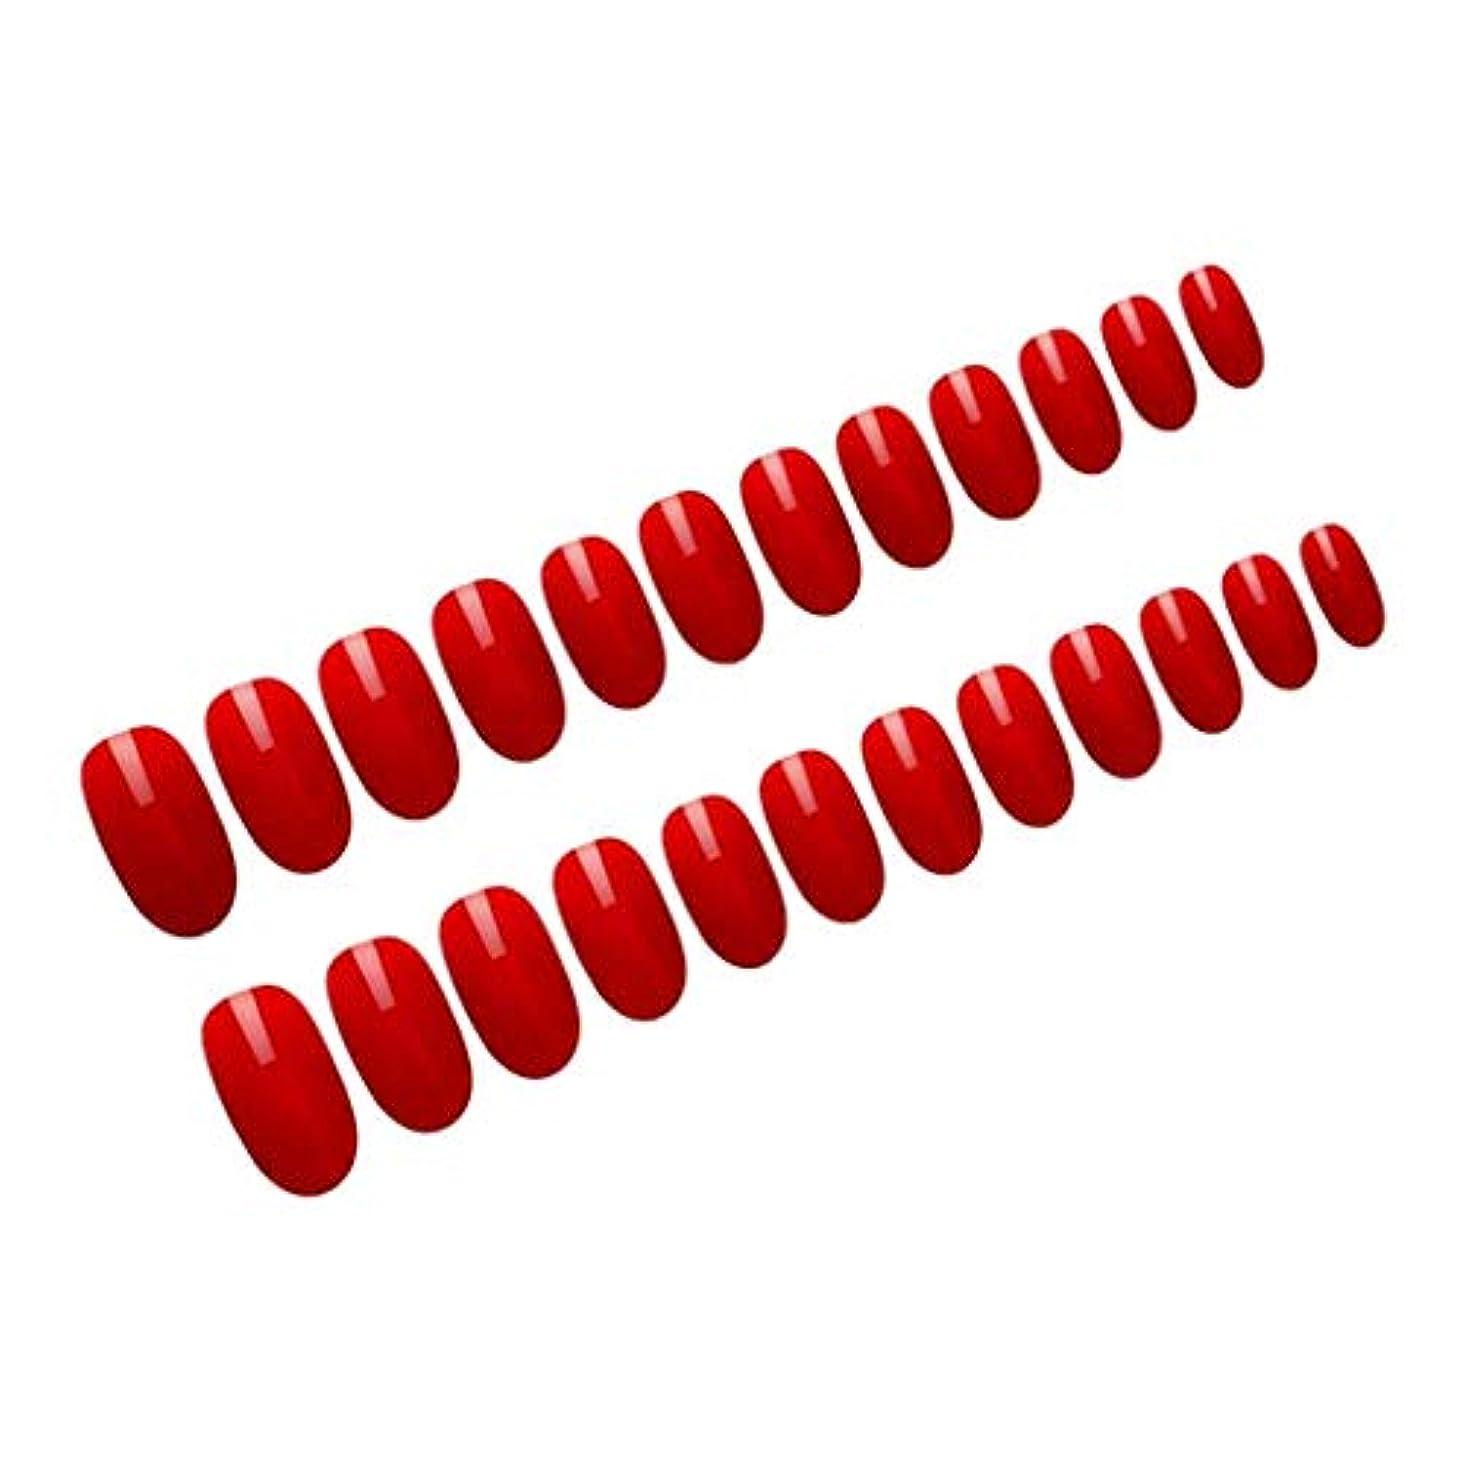 反映するシルク挑むSharplace ネイルチップ ロング フルカバー ネイルのヒント ネイルアート ネイルデコレーション 全6カラー - 赤